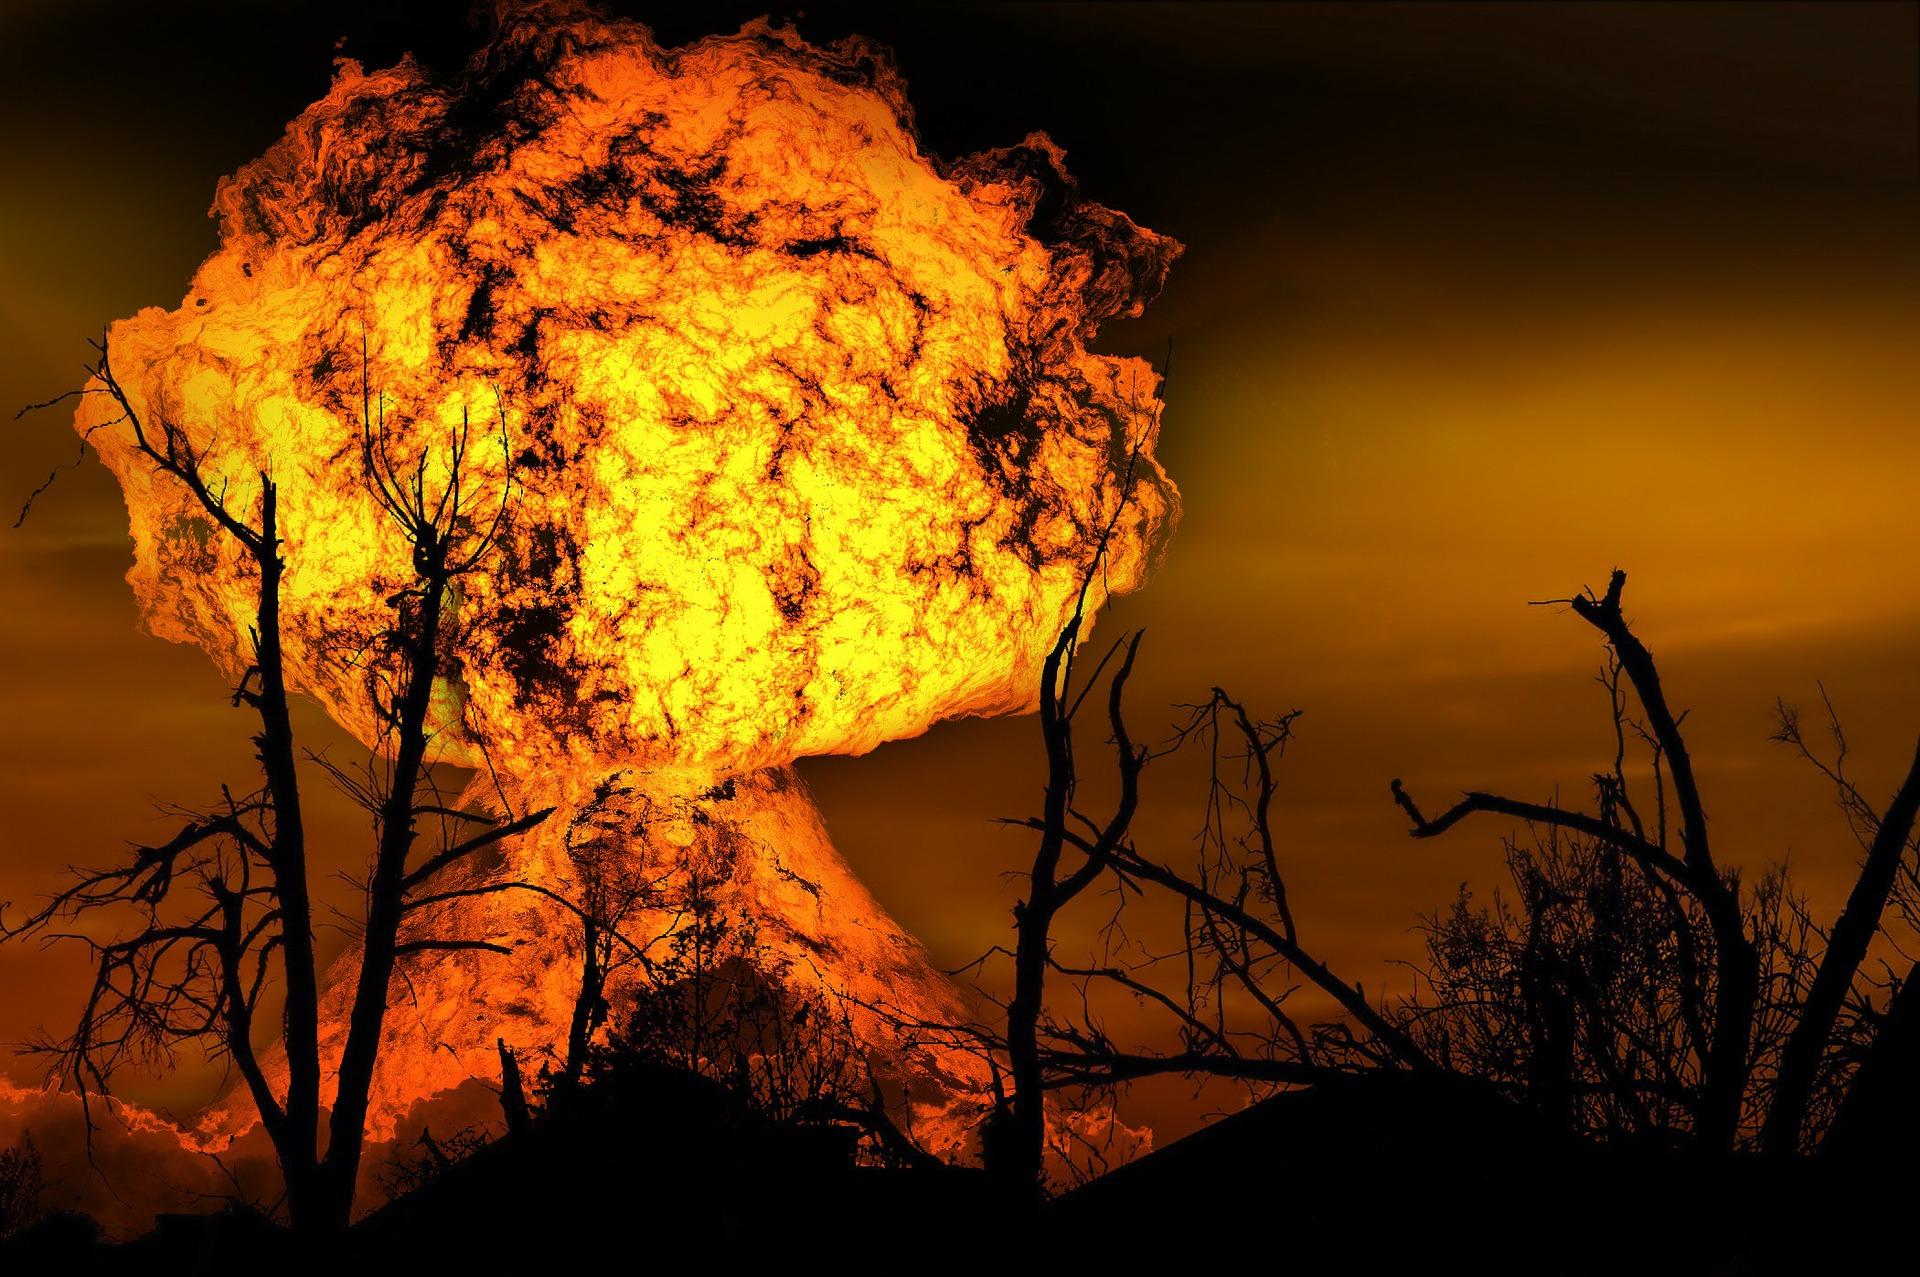 explosion-123690-1920.jpg